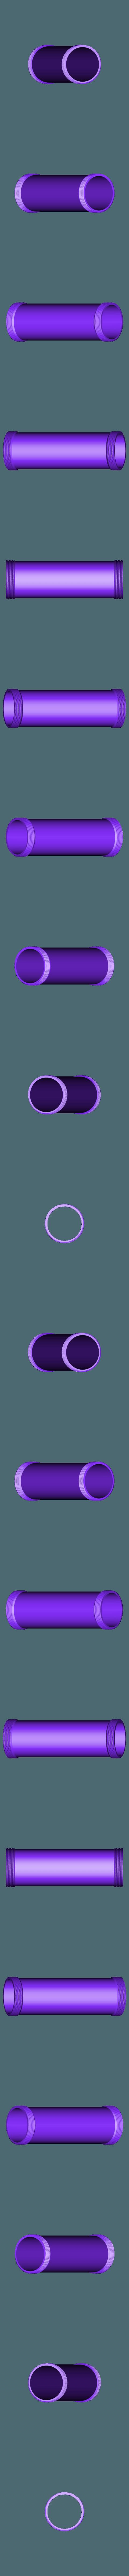 Tube_Tall.stl Download free STL file Two Air Pumps • 3D print object, gzumwalt